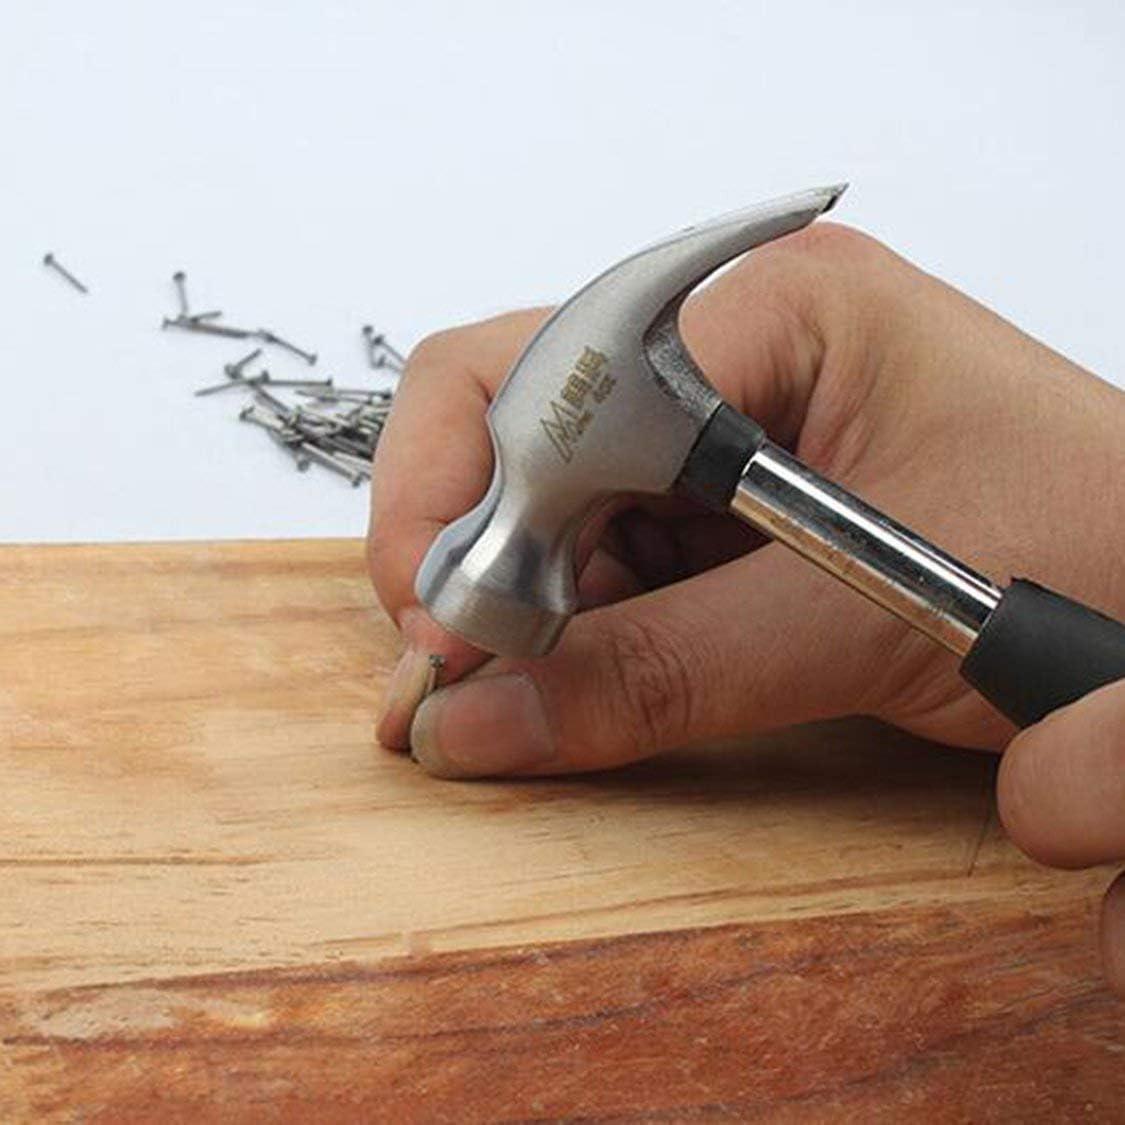 Minihammer Gummihammer Gelb /& Schwarz Kunststoffgriff mit rundem Kopf Magnetischer Klauenhammer F/ür Holzbearbeitung und Elektrowerkzeug